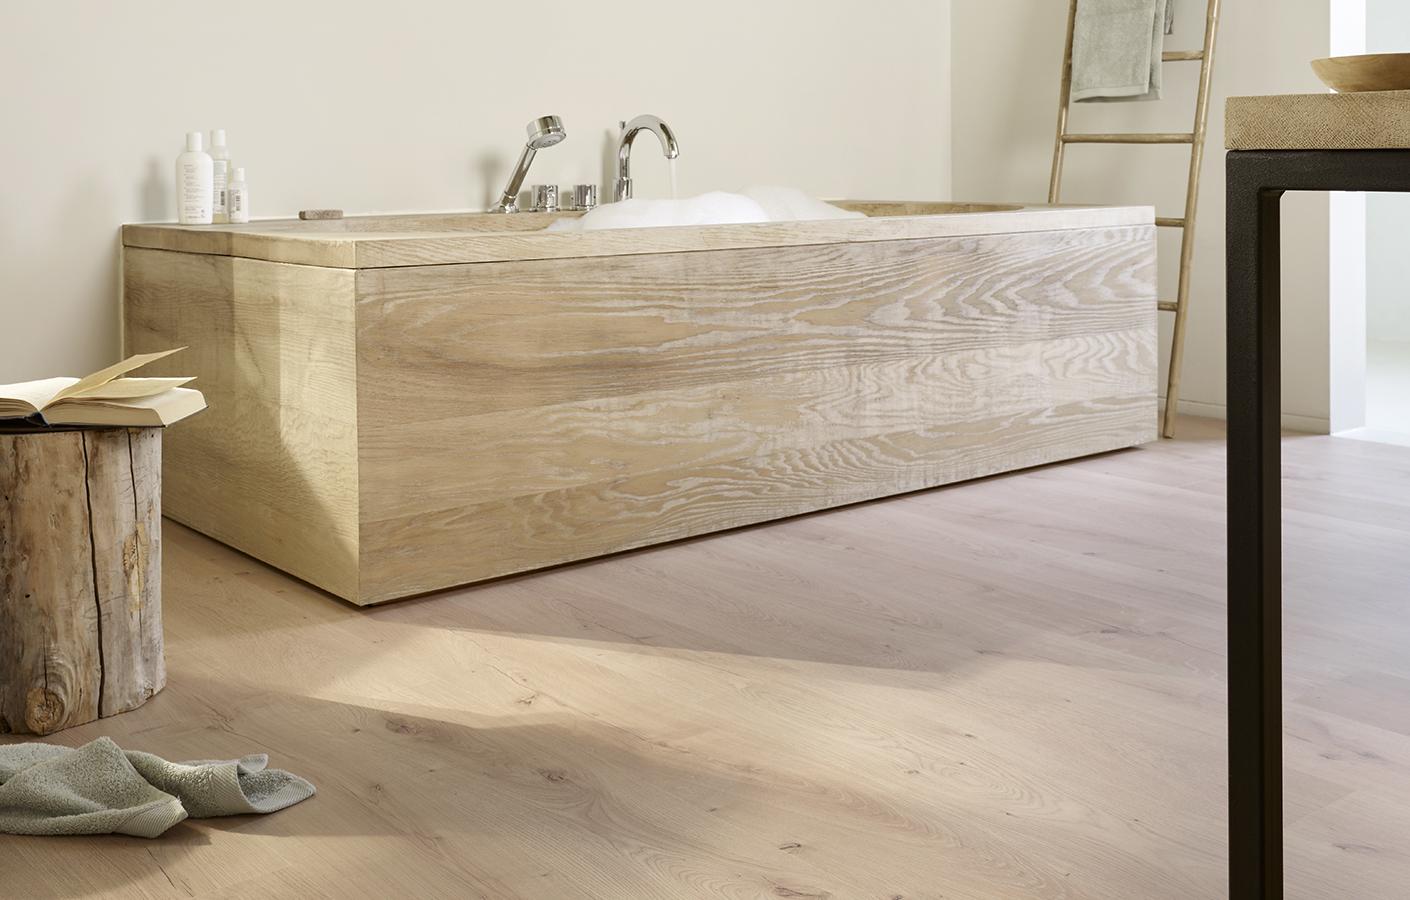 Gladde Wanden Badkamer : Hoe kies je de perfecte vloer en wanden voor je badkamer